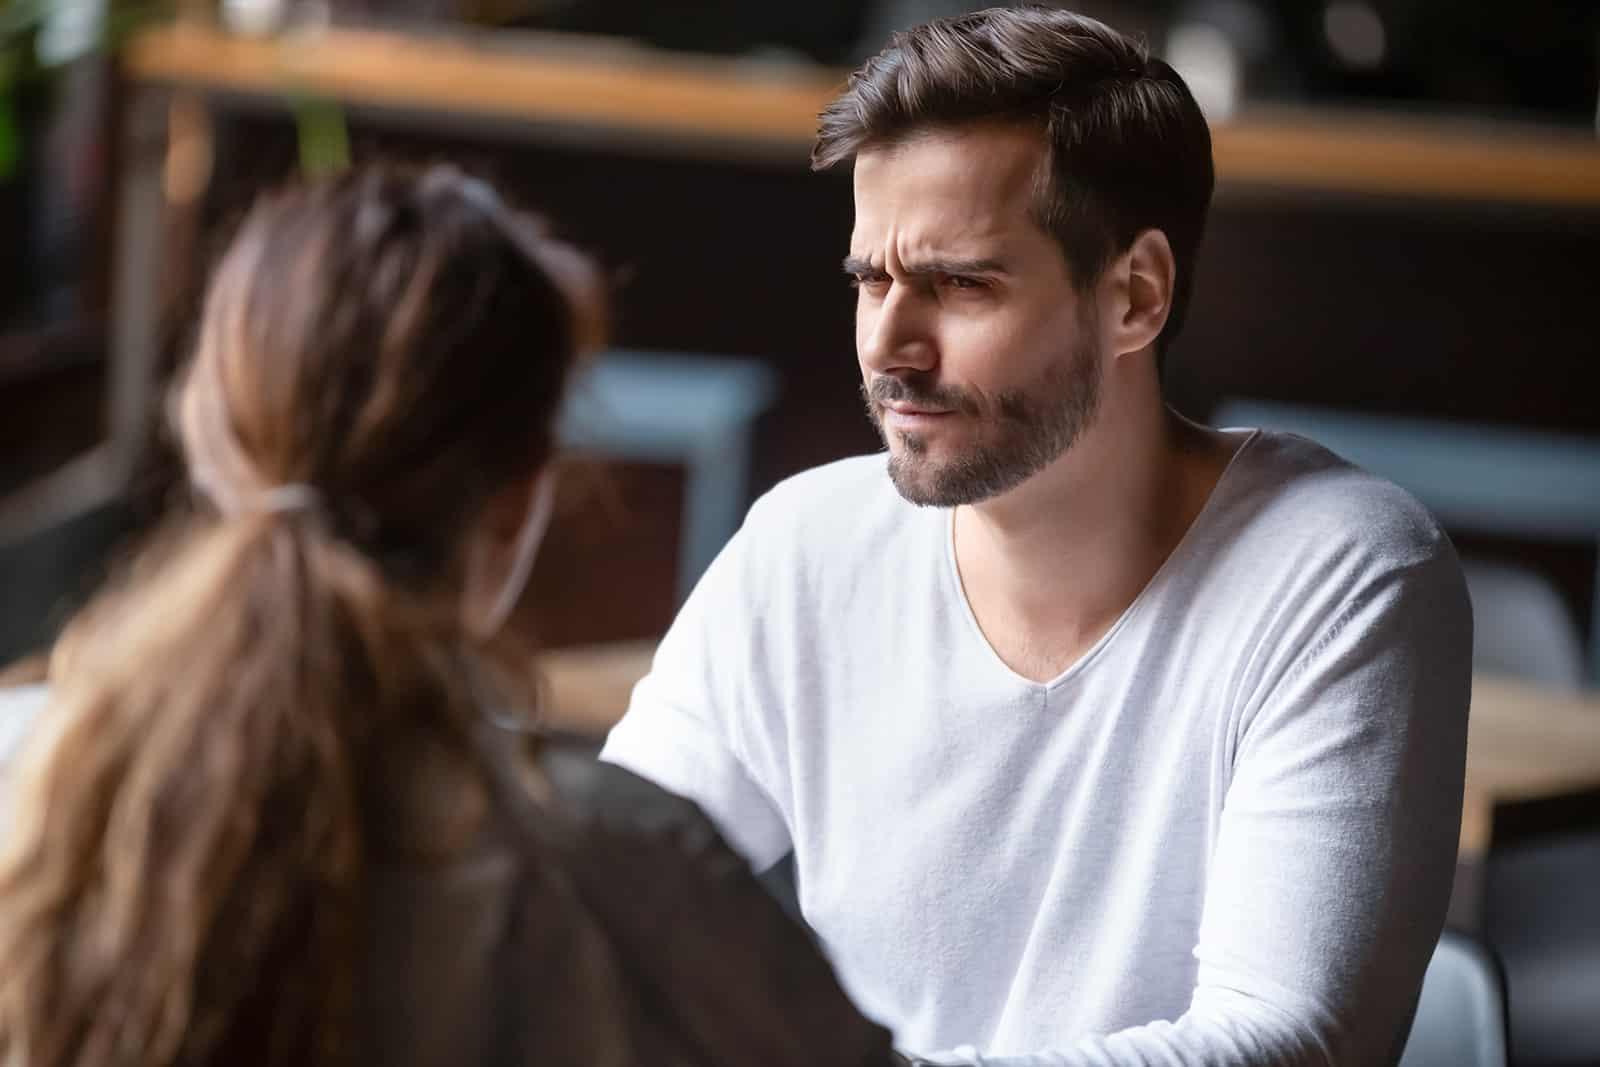 ein verwirrter Mann, der eine Frau ansieht, die mit ihm im Café sitzt